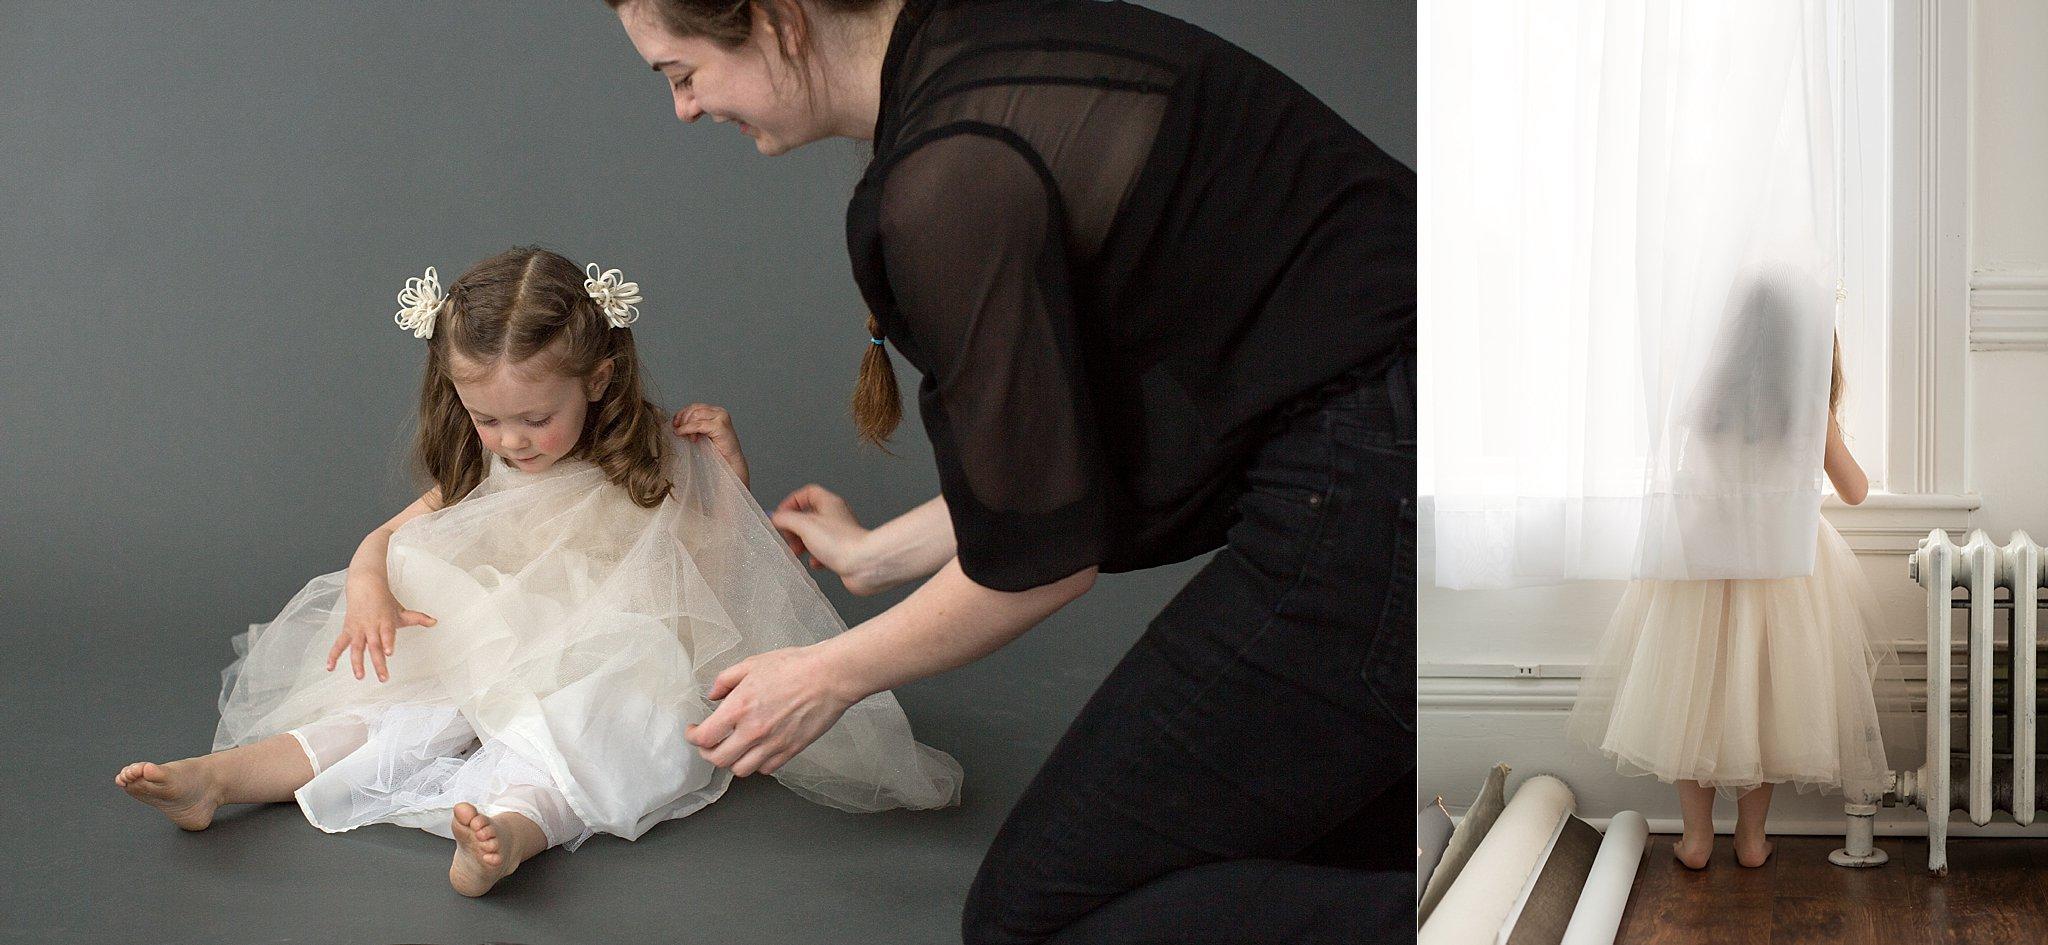 Behind the Scenes Studio Children's Portraits_0010.jpg